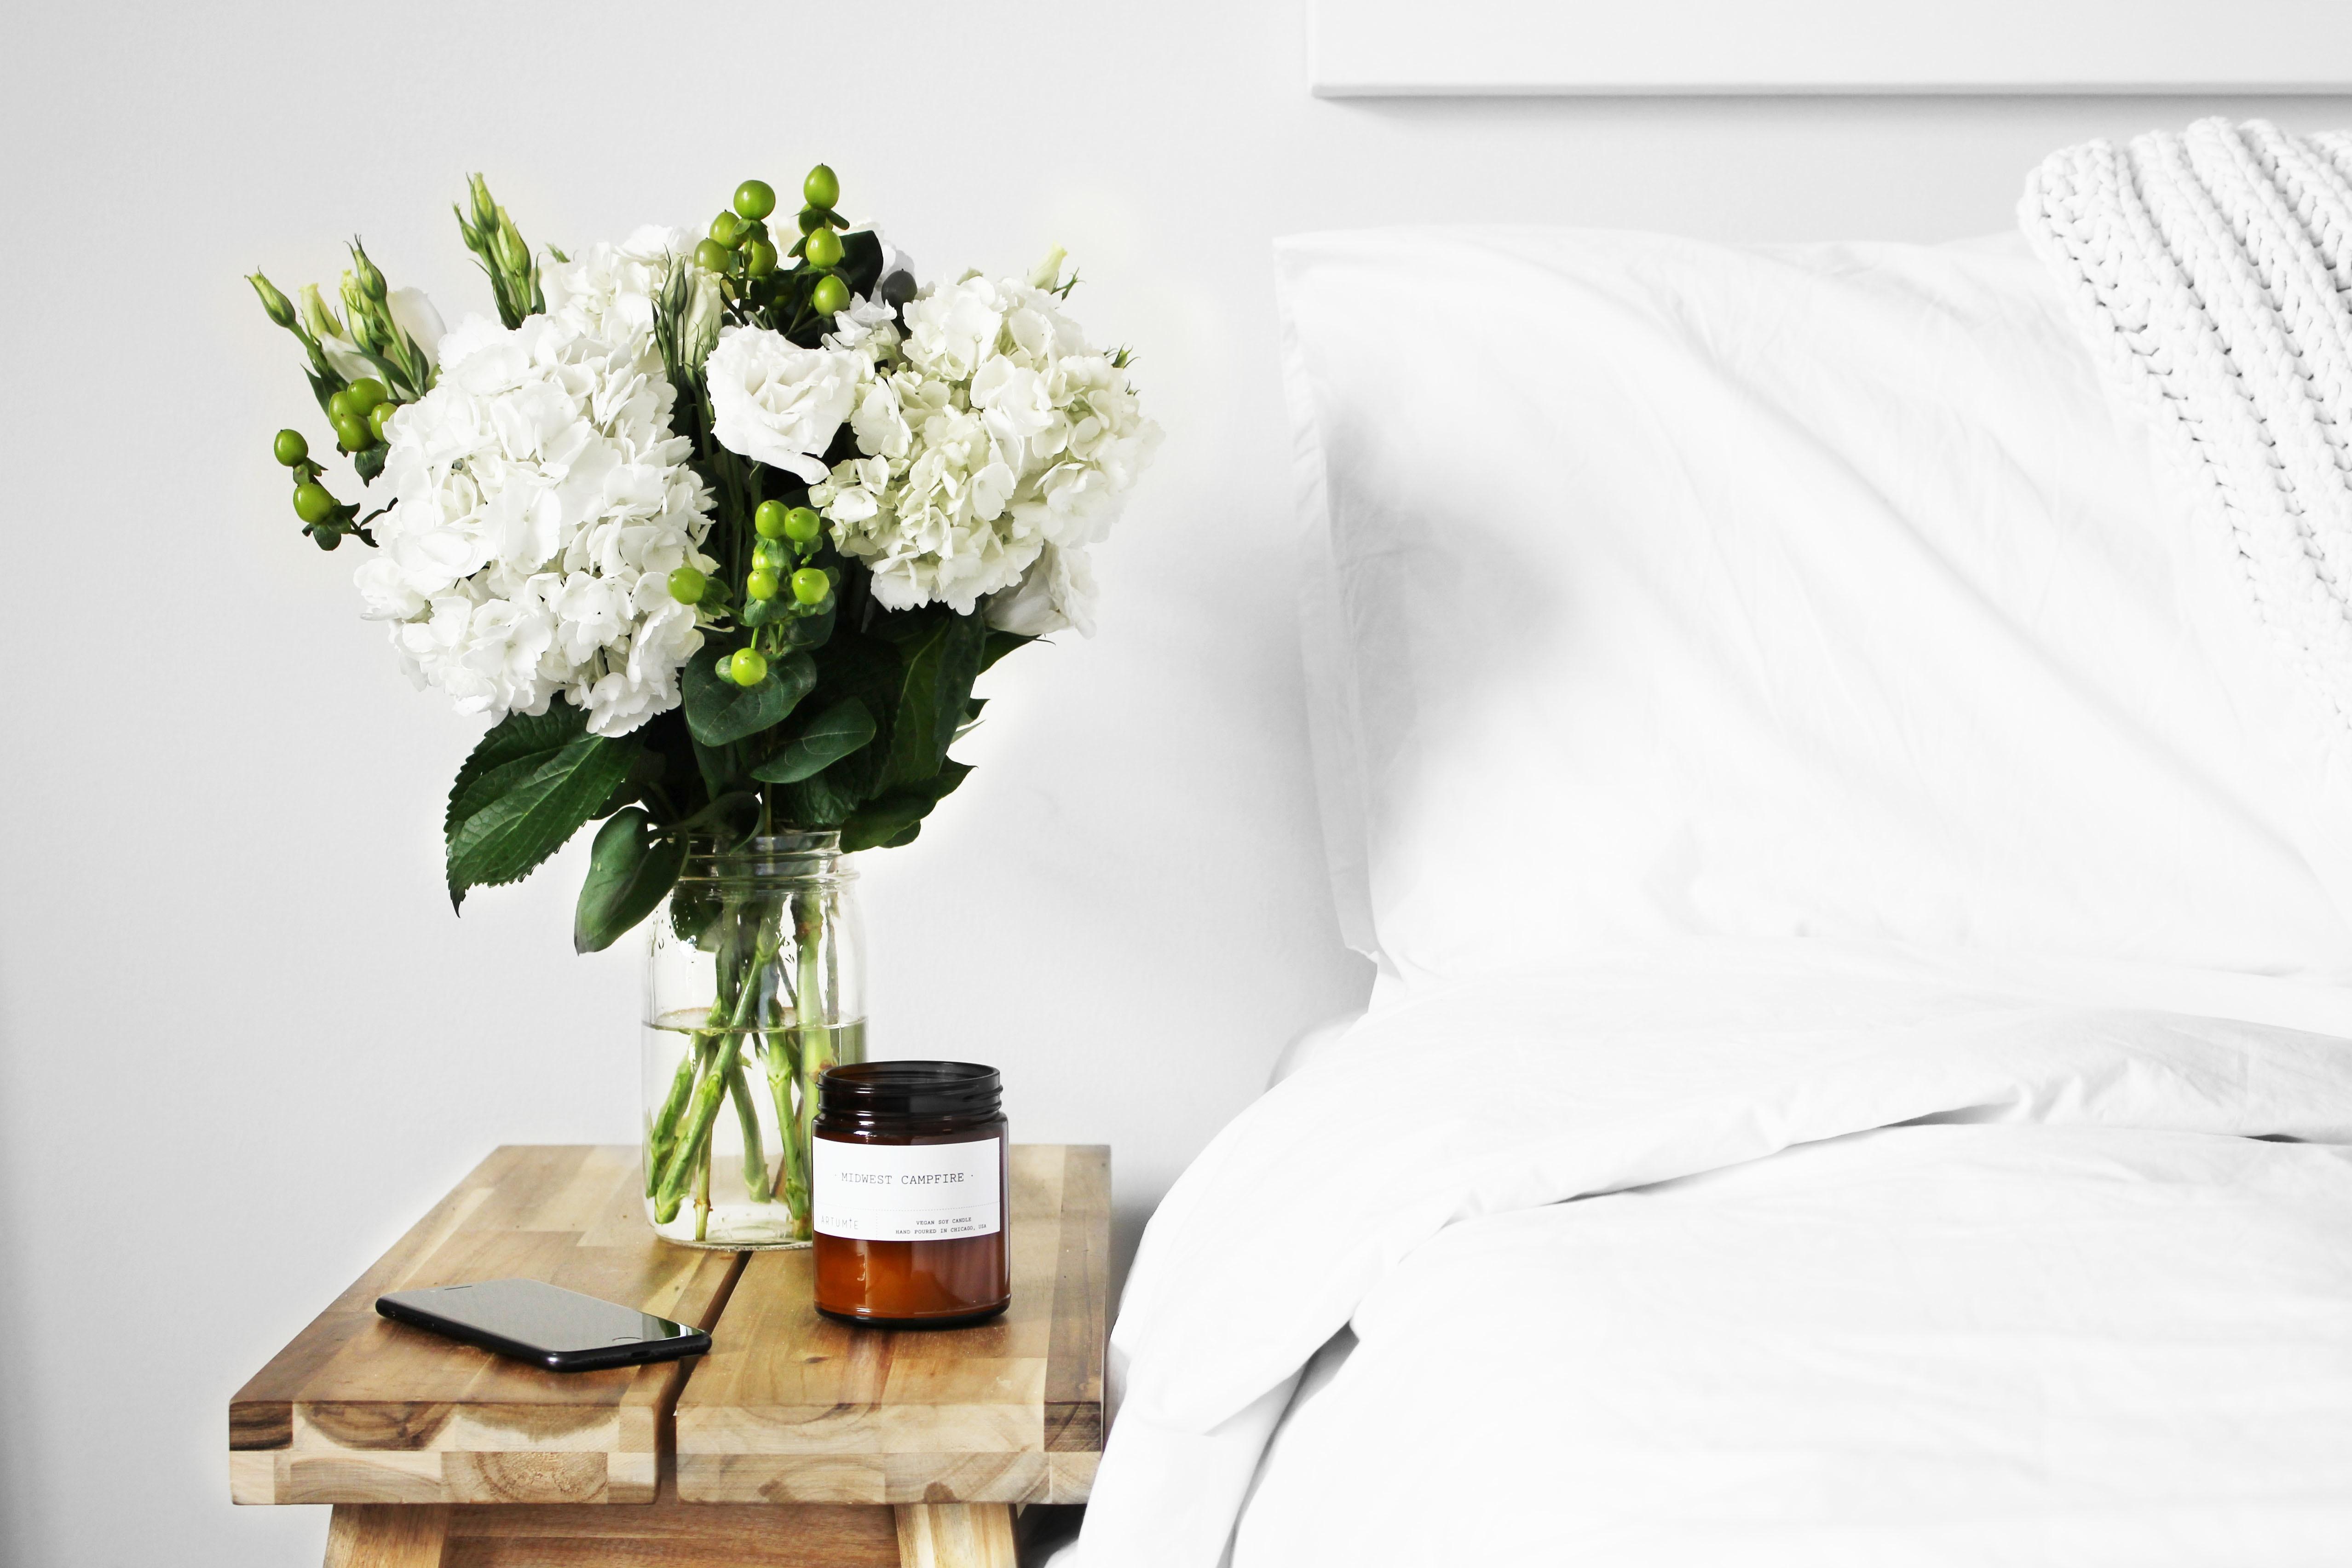 【在宅介護】ベッド移動に介助用グローブがお薦め